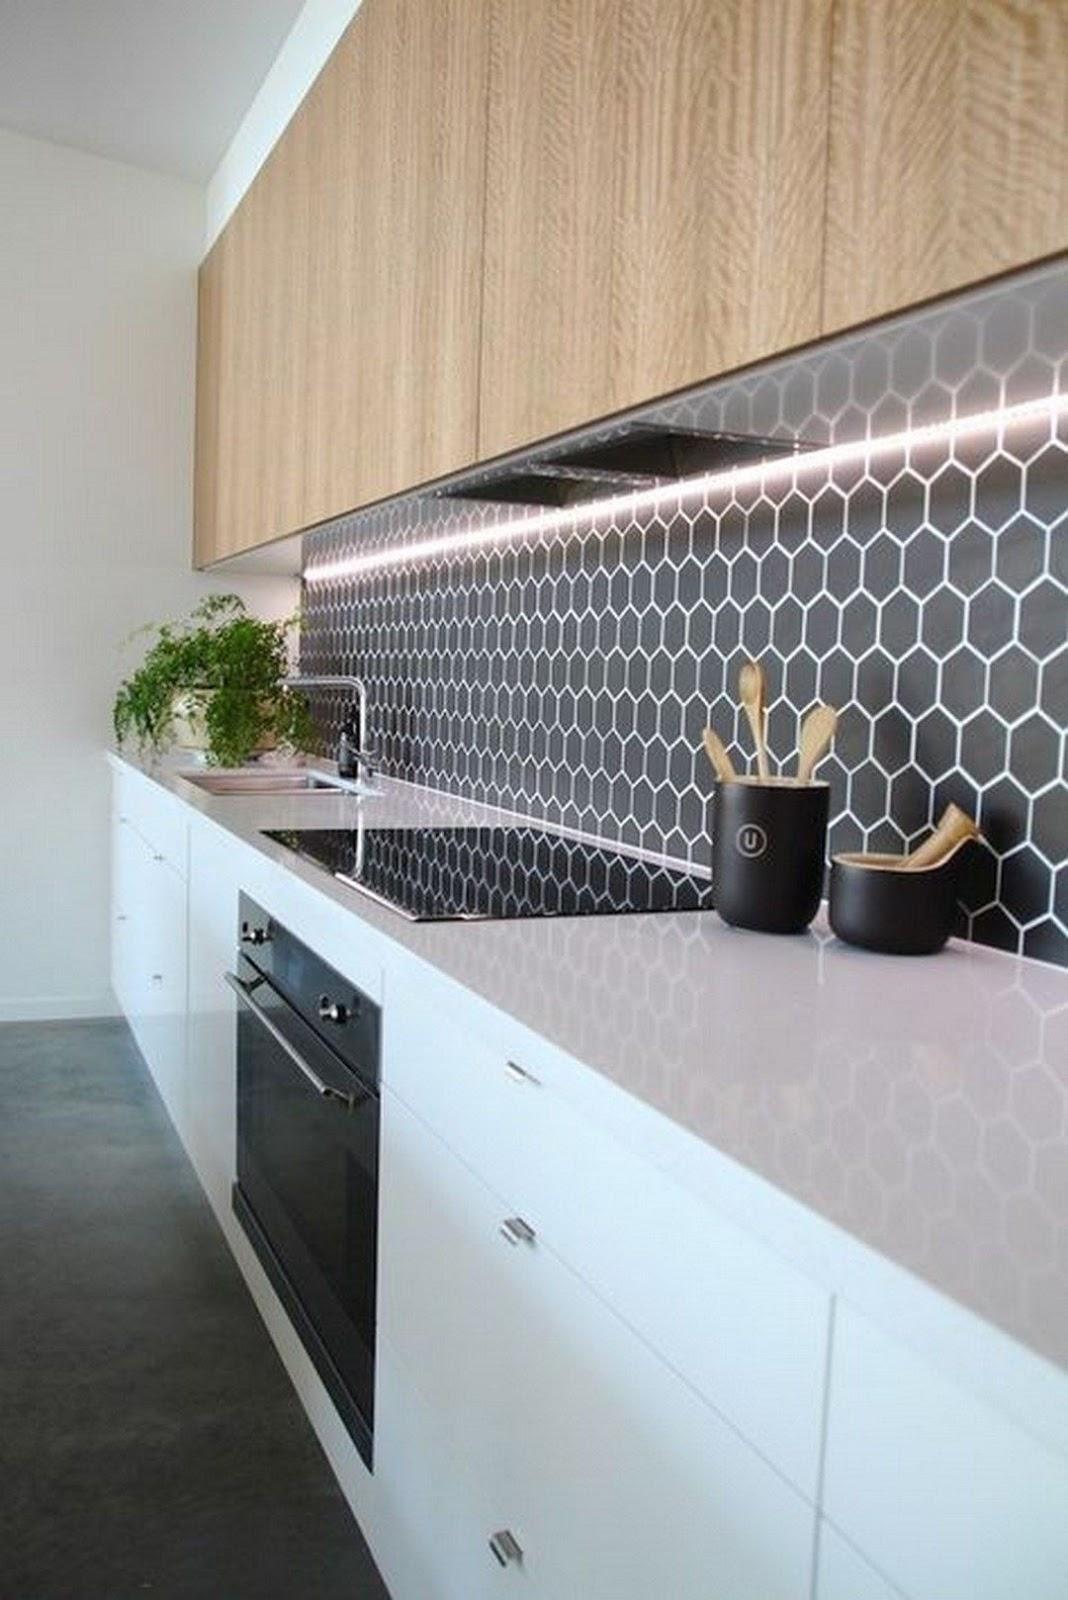 cozinha pastilha revestimento hexagonal preto